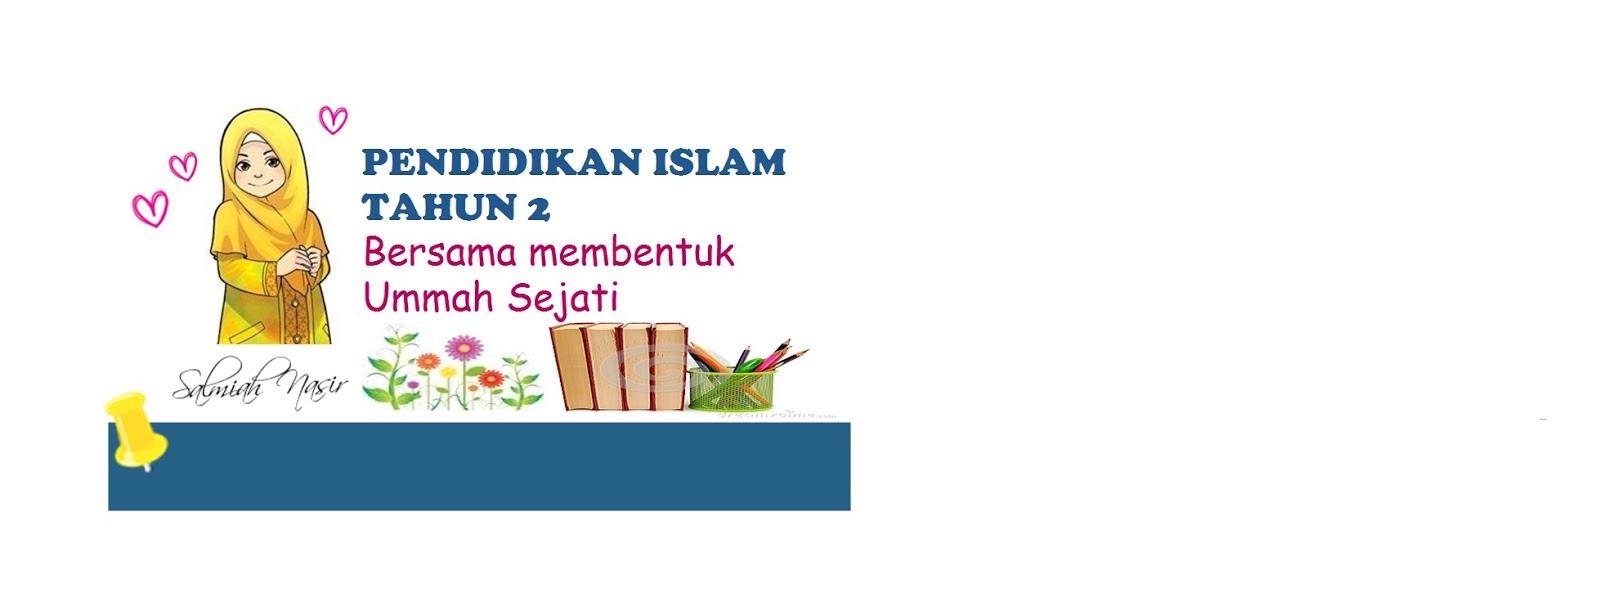 # Selamat Datang ke Blog Pendidikan Islam Tahun 2